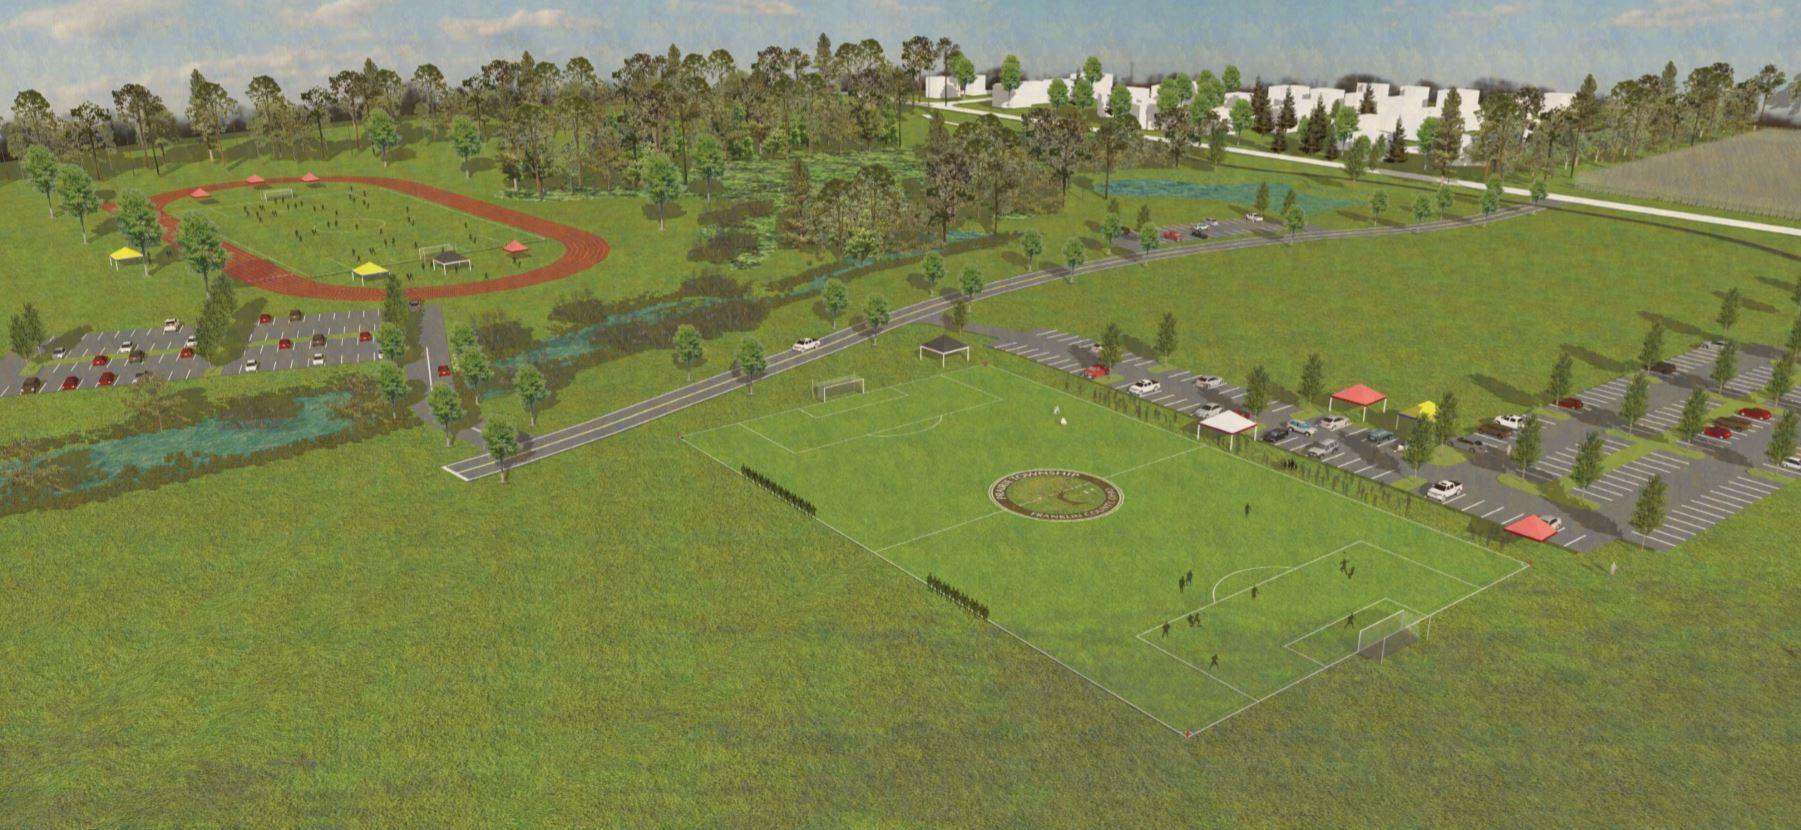 Prairie Township TOPSoccer Conceptual Design 2